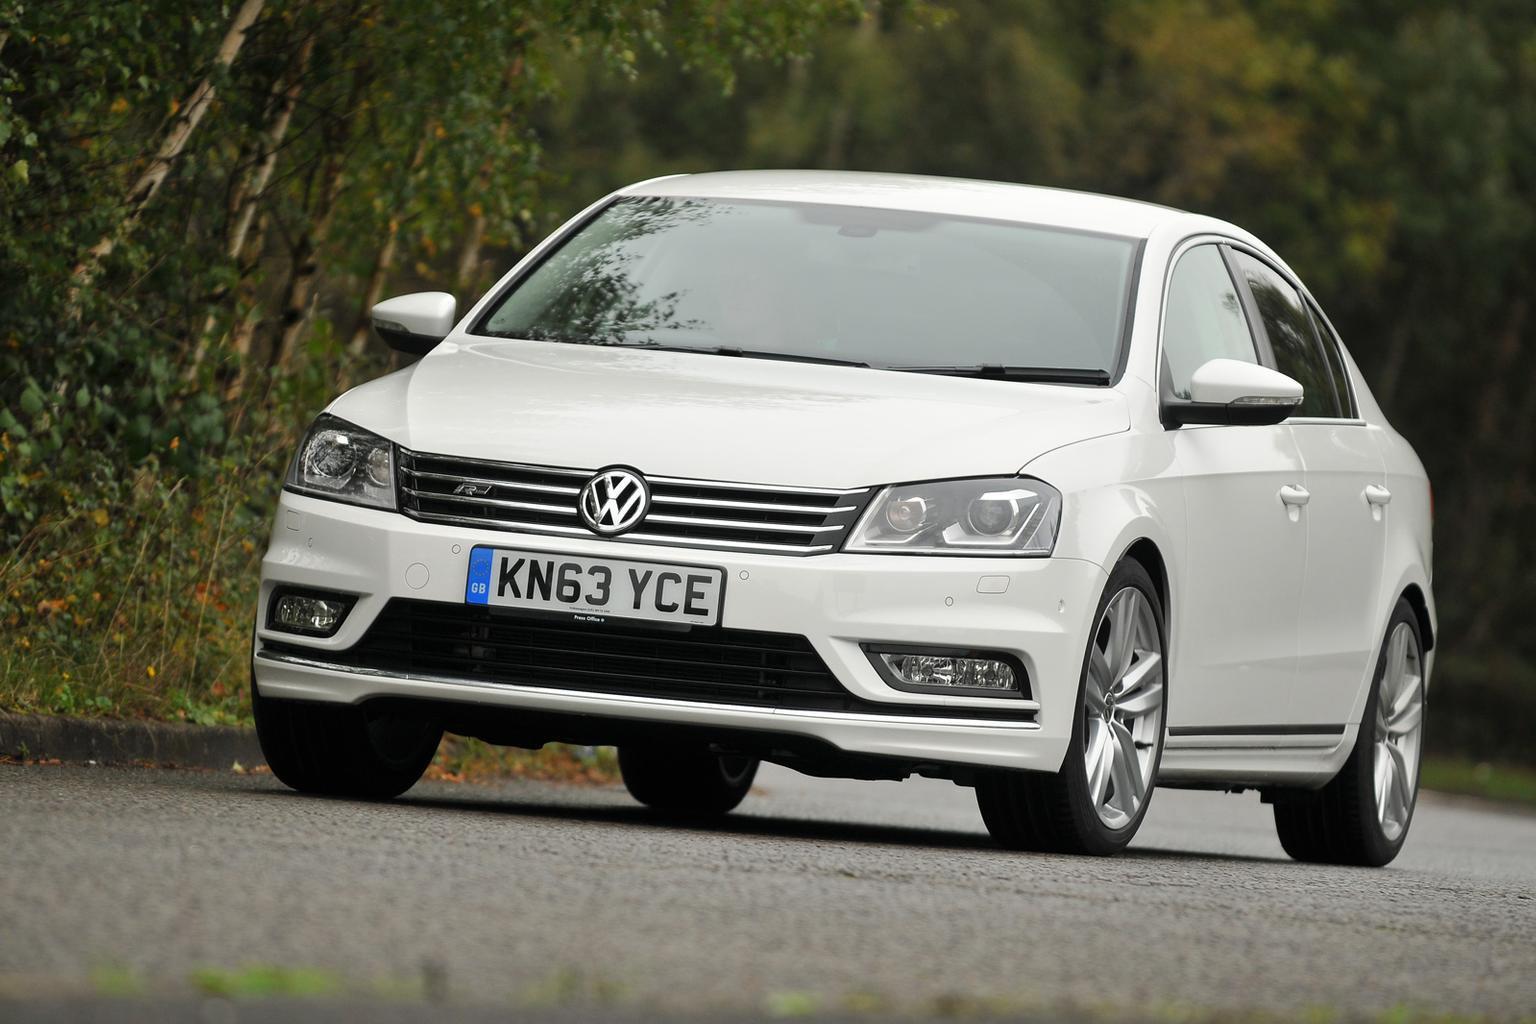 Deal of the day: Volkswagen Passat